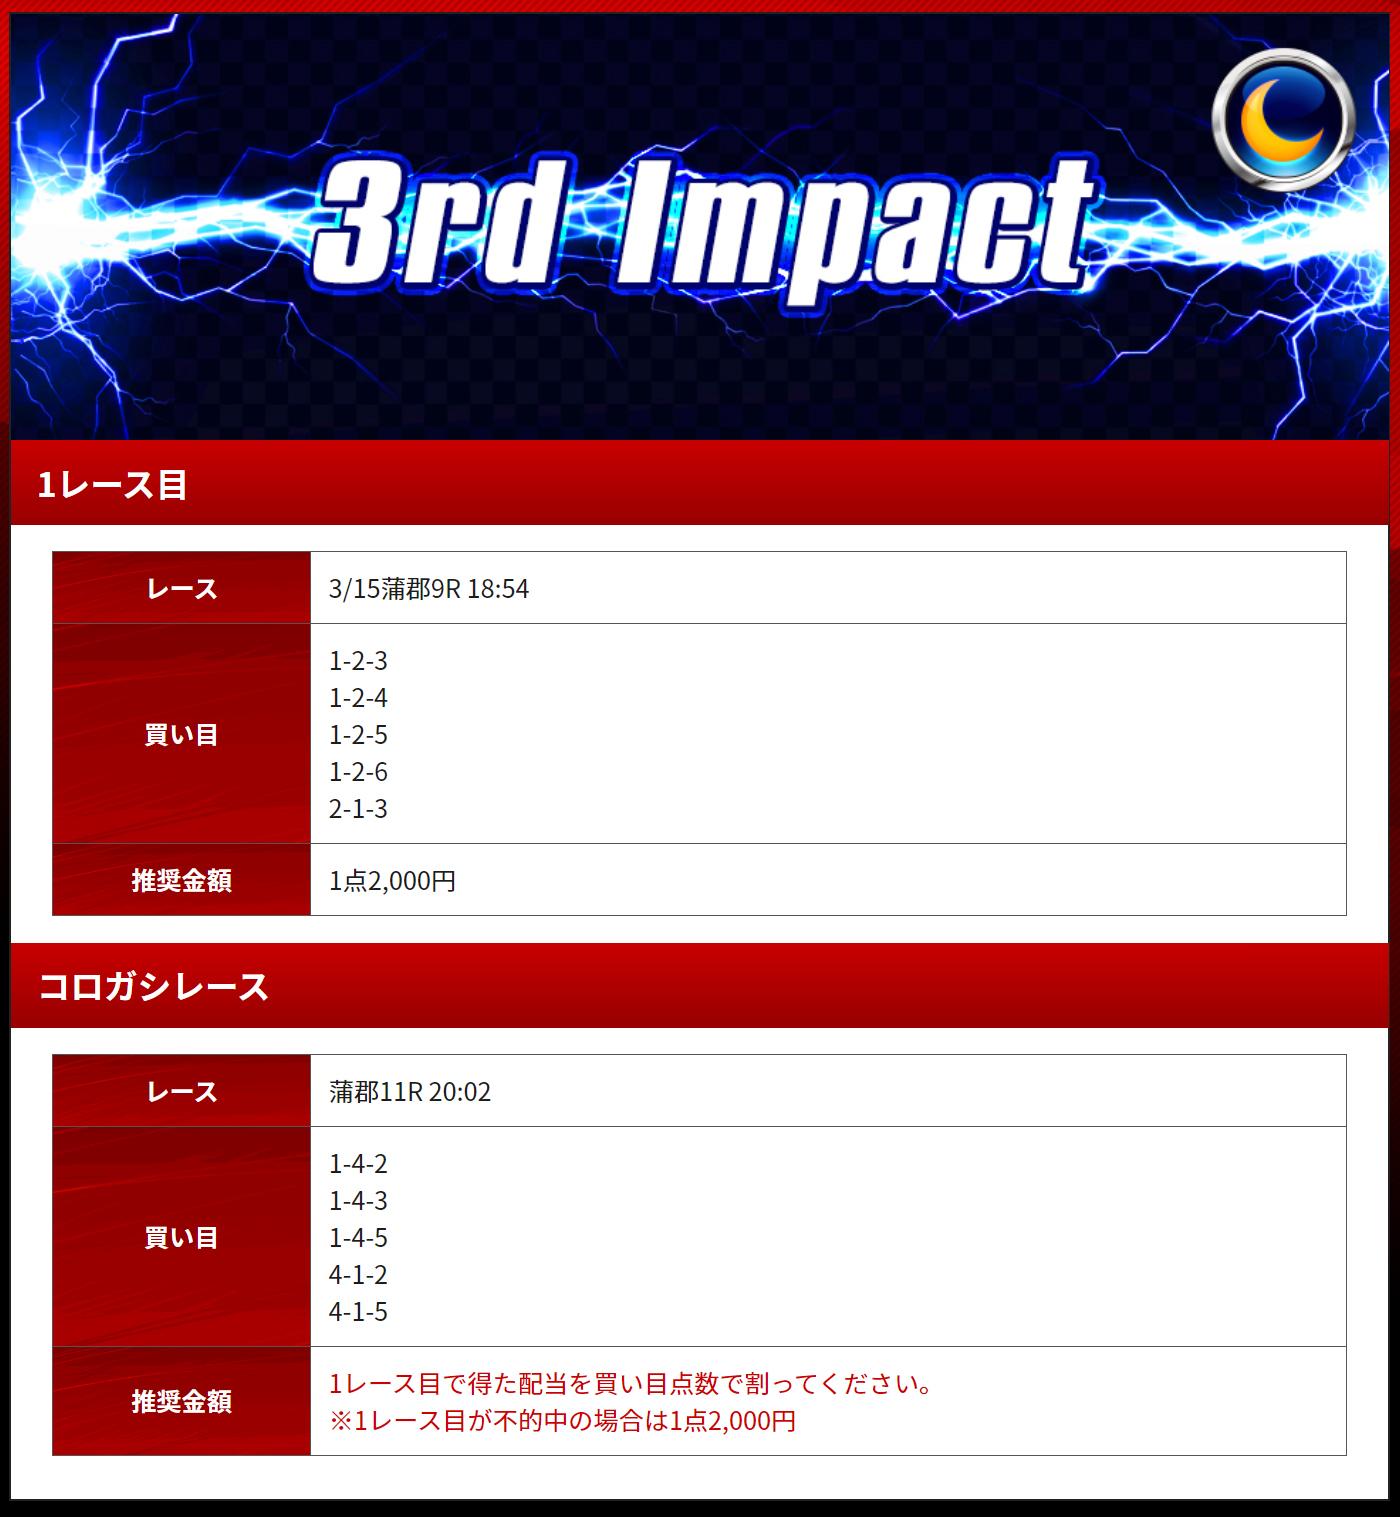 競艇IMPACT(インパクト) 優良競艇予想サイト・悪徳競艇予想サイトの口コミ検証や無料情報の予想結果も公開中 2020年3月15日 有料情報「3rd Impact」ナイター買い目